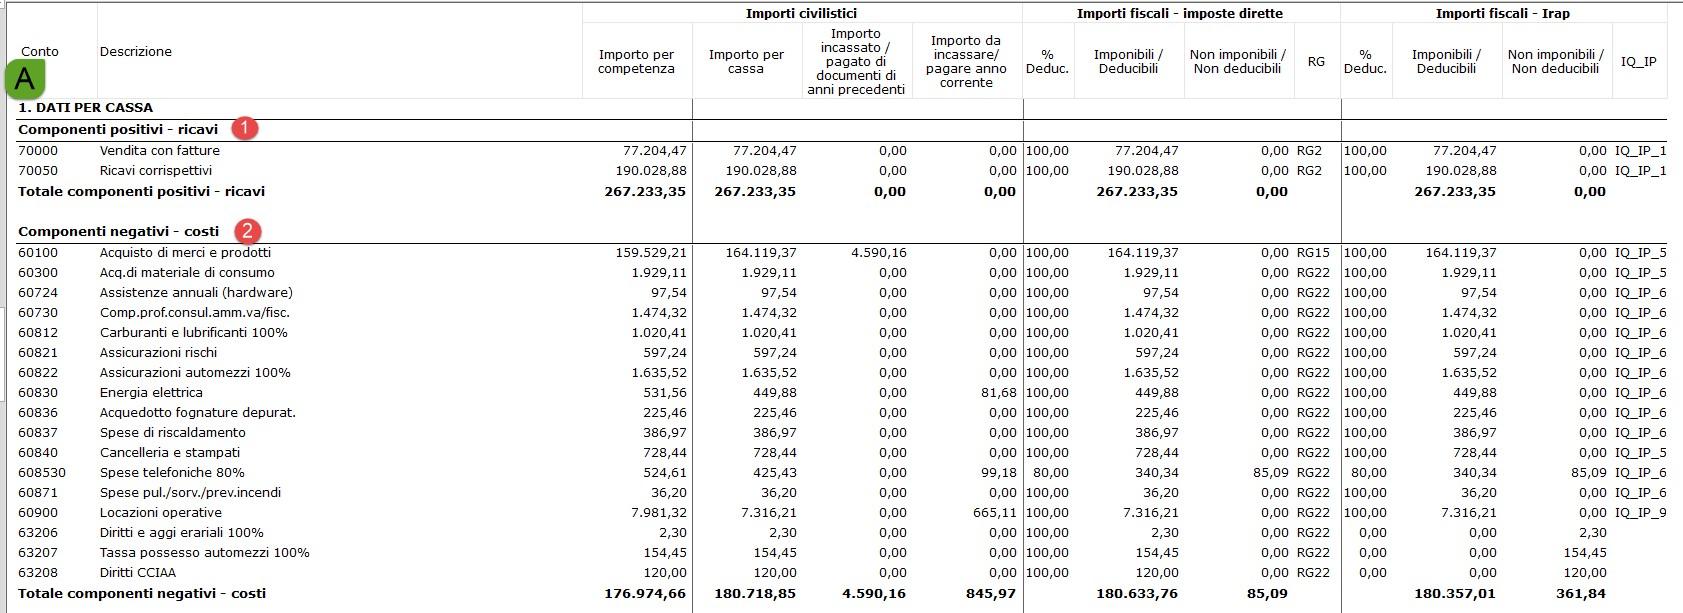 Contabilità semplificata imprese 2017: prospetto fiscale per cassa - 3